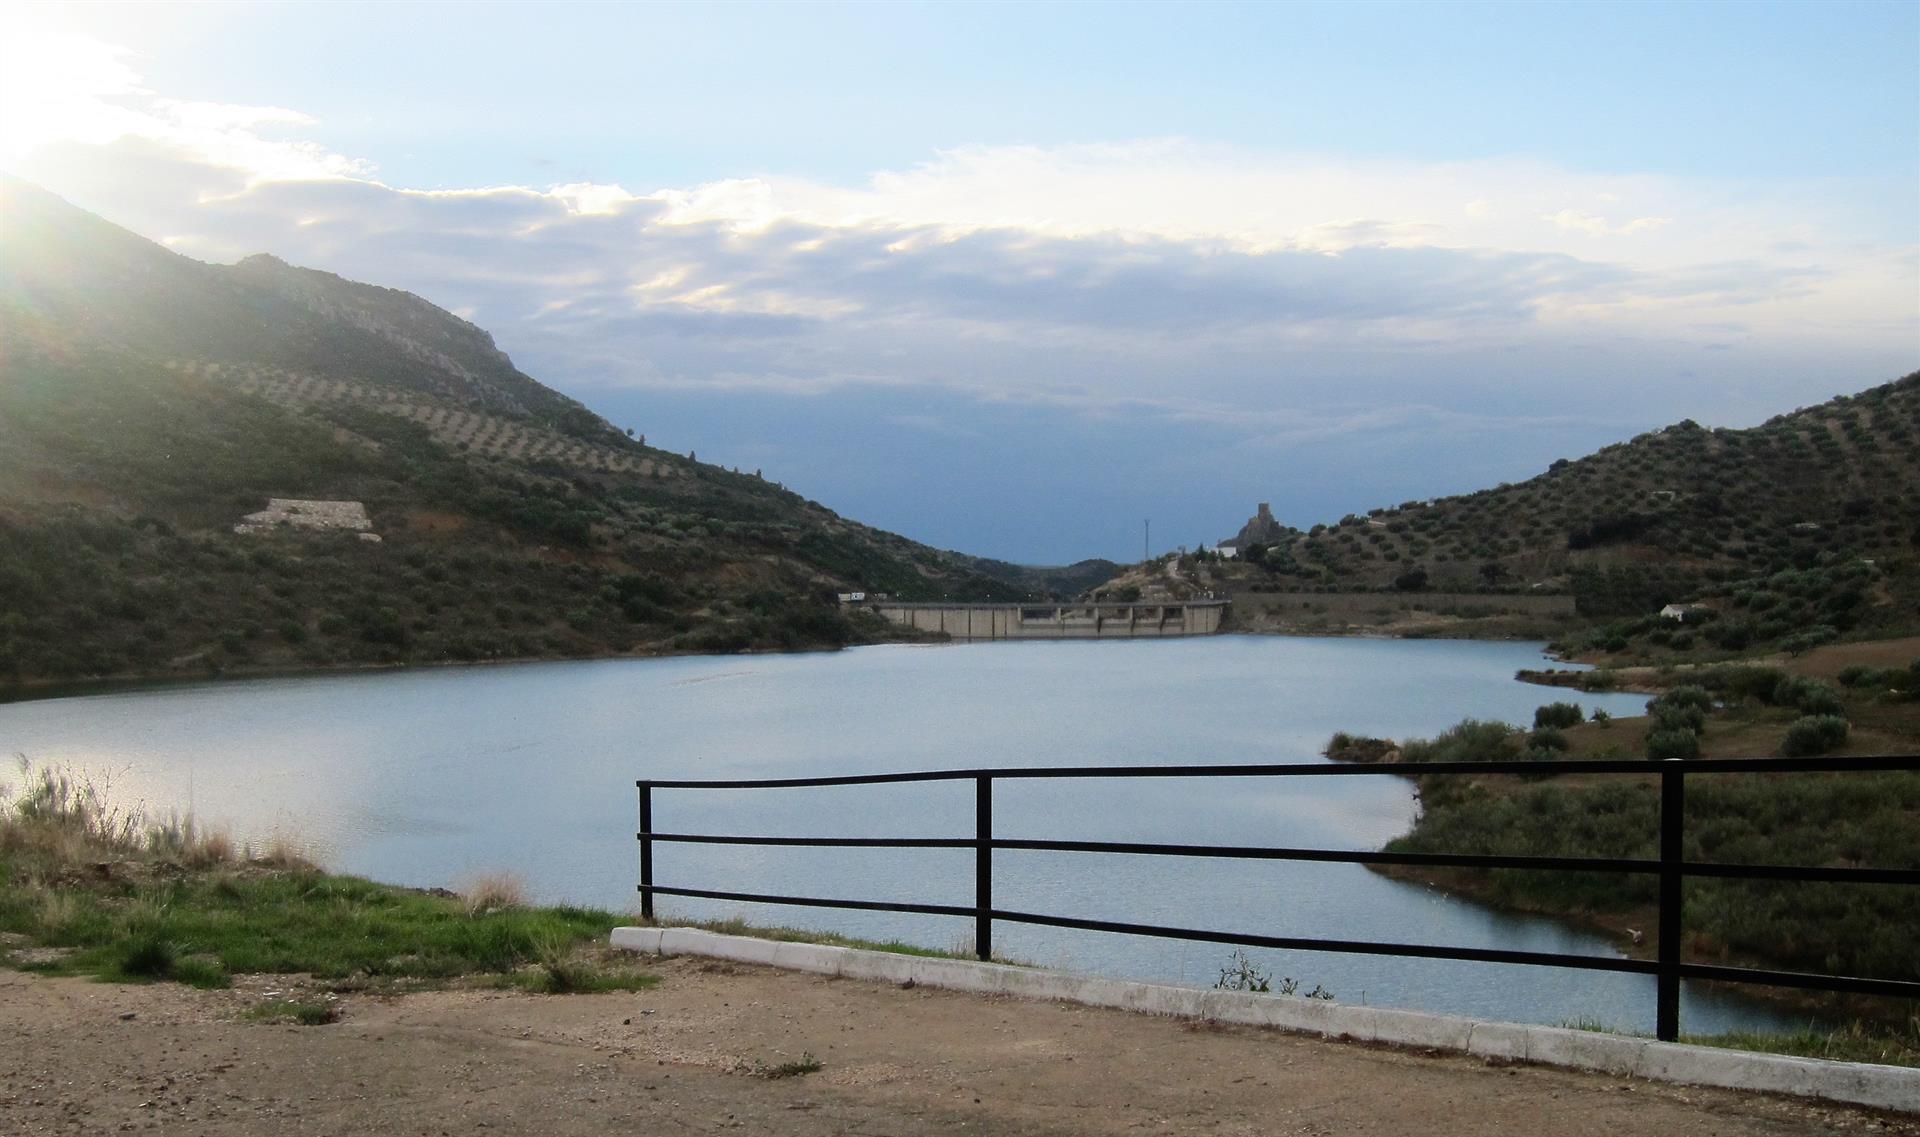 Los embalses del Guadalquivir bajan al 37,15% de su capacidad y los de la Mediterránea Andaluza al 49,23%